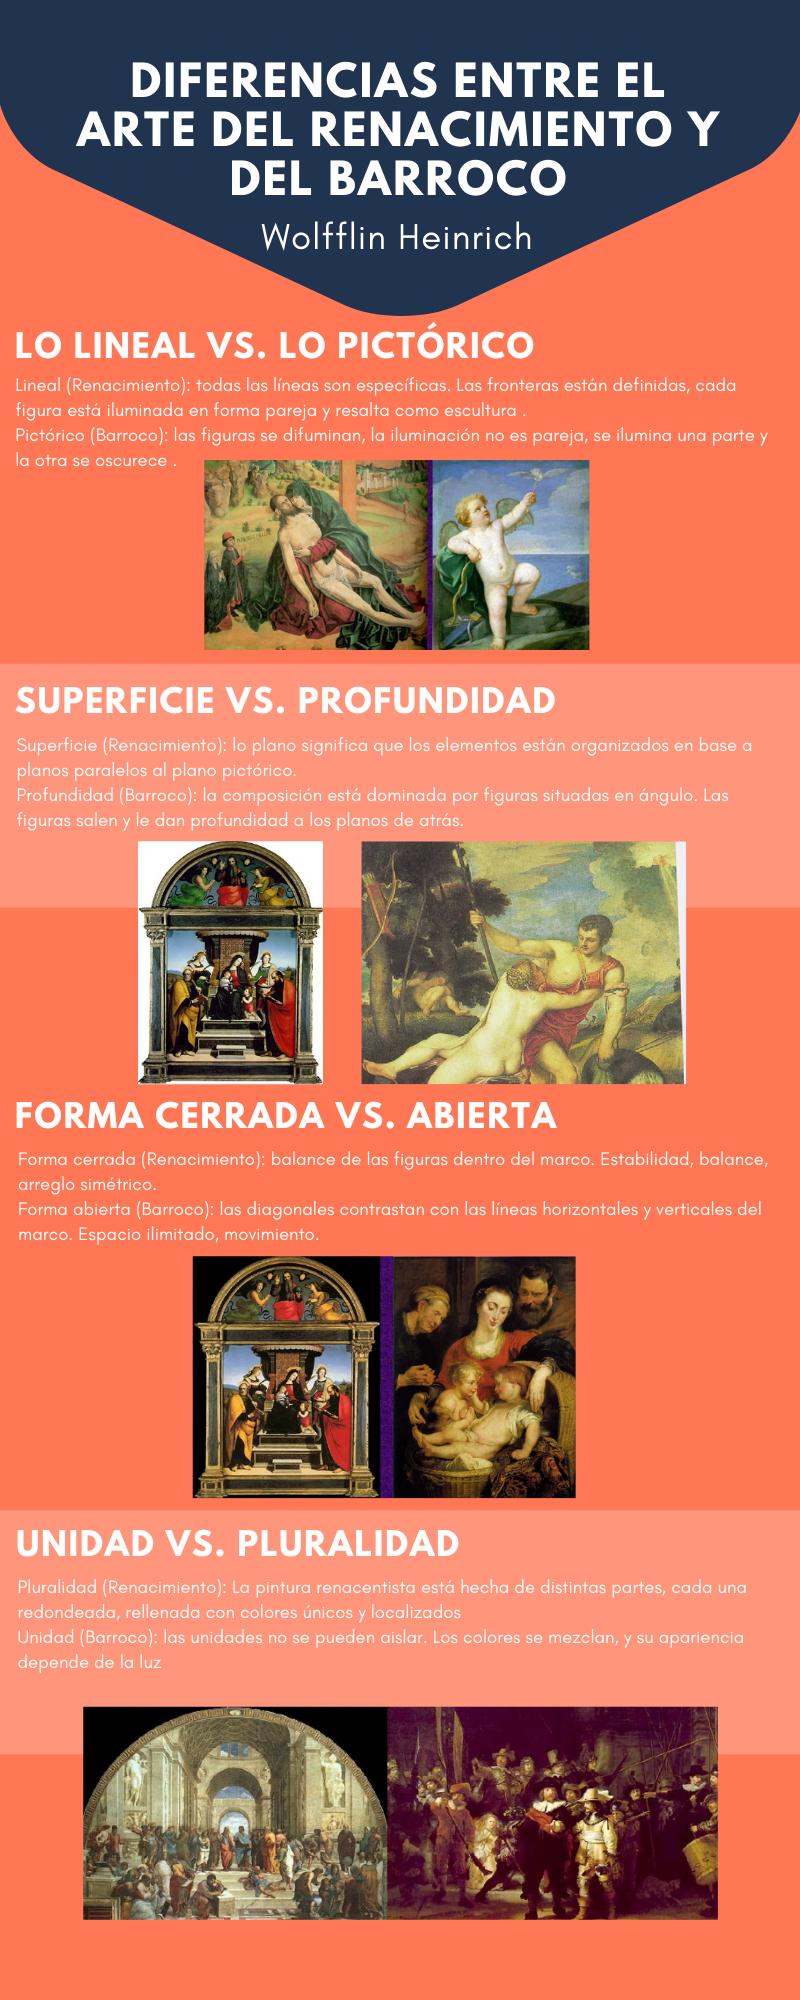 renacimiento-y-barroco-mariana-navarro